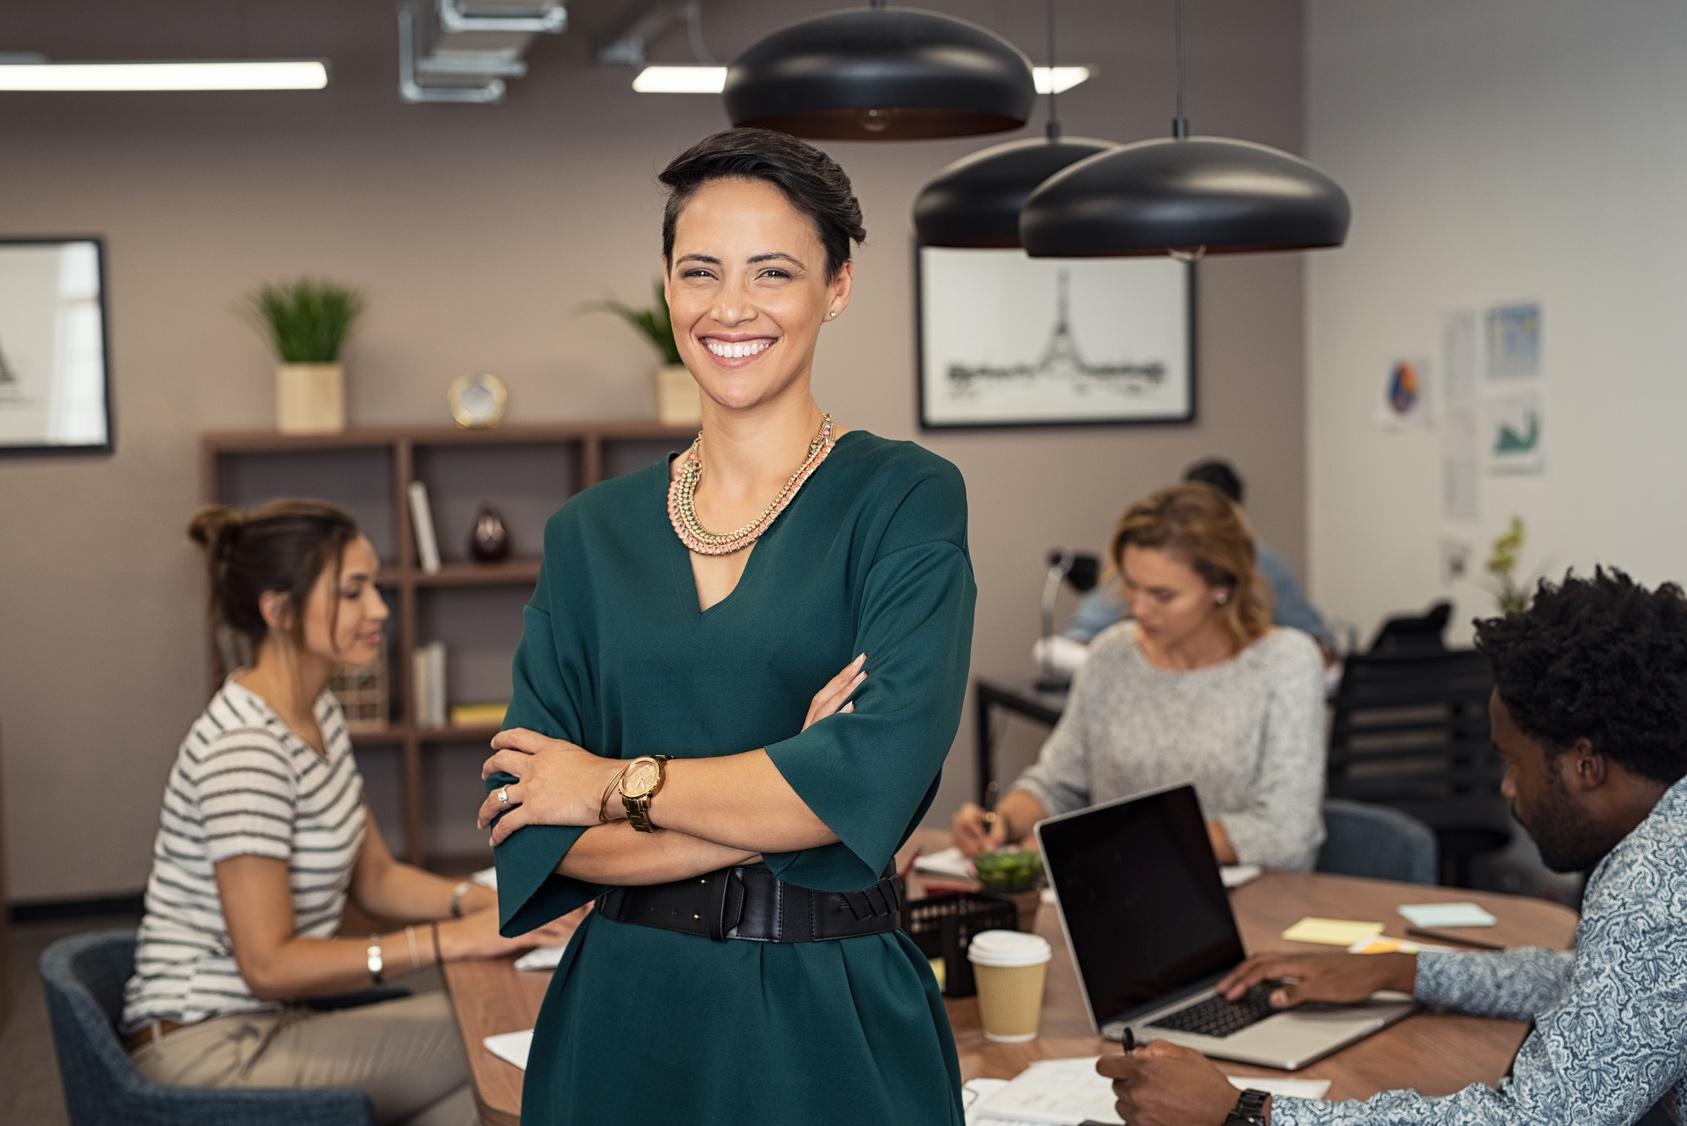 Es gibt viele Finanzierungsmöglichkeiten: Nutzen Sie die Angebote und werden Sie Existenzgründerin! © Rido / Fotolia.com